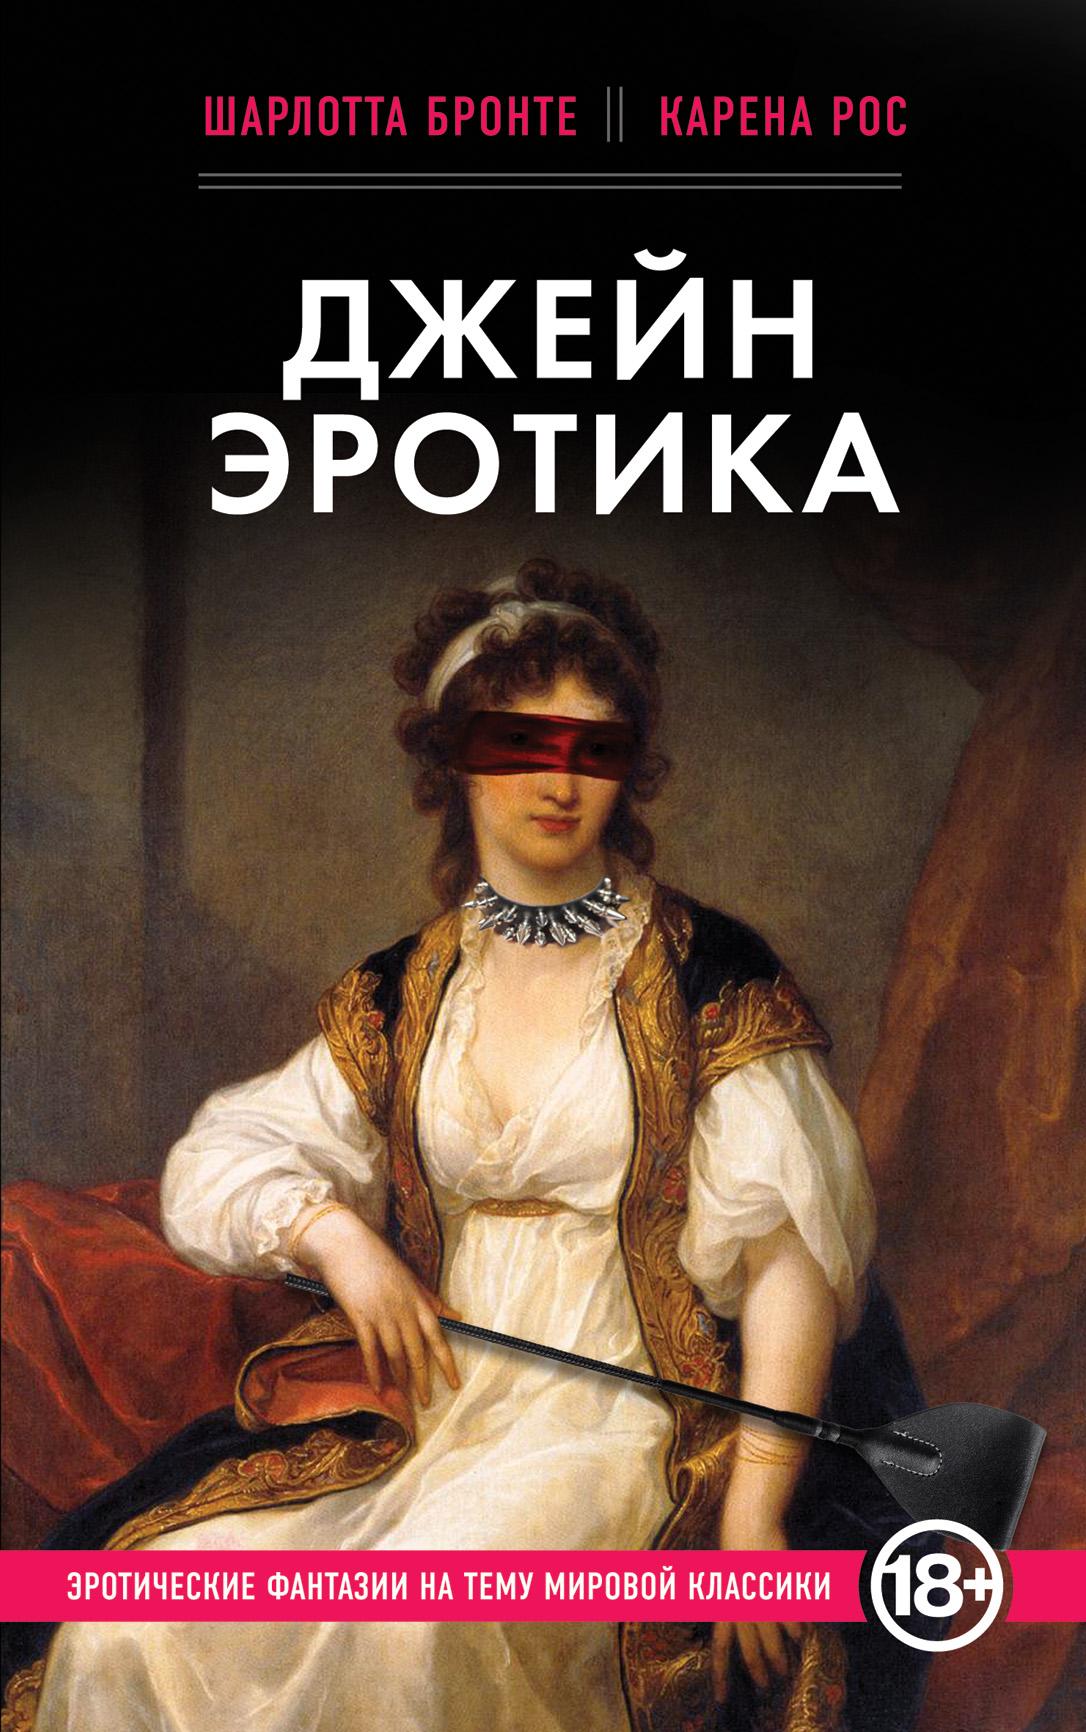 Эротические книги читать бесплатно без регистрации 3 фотография